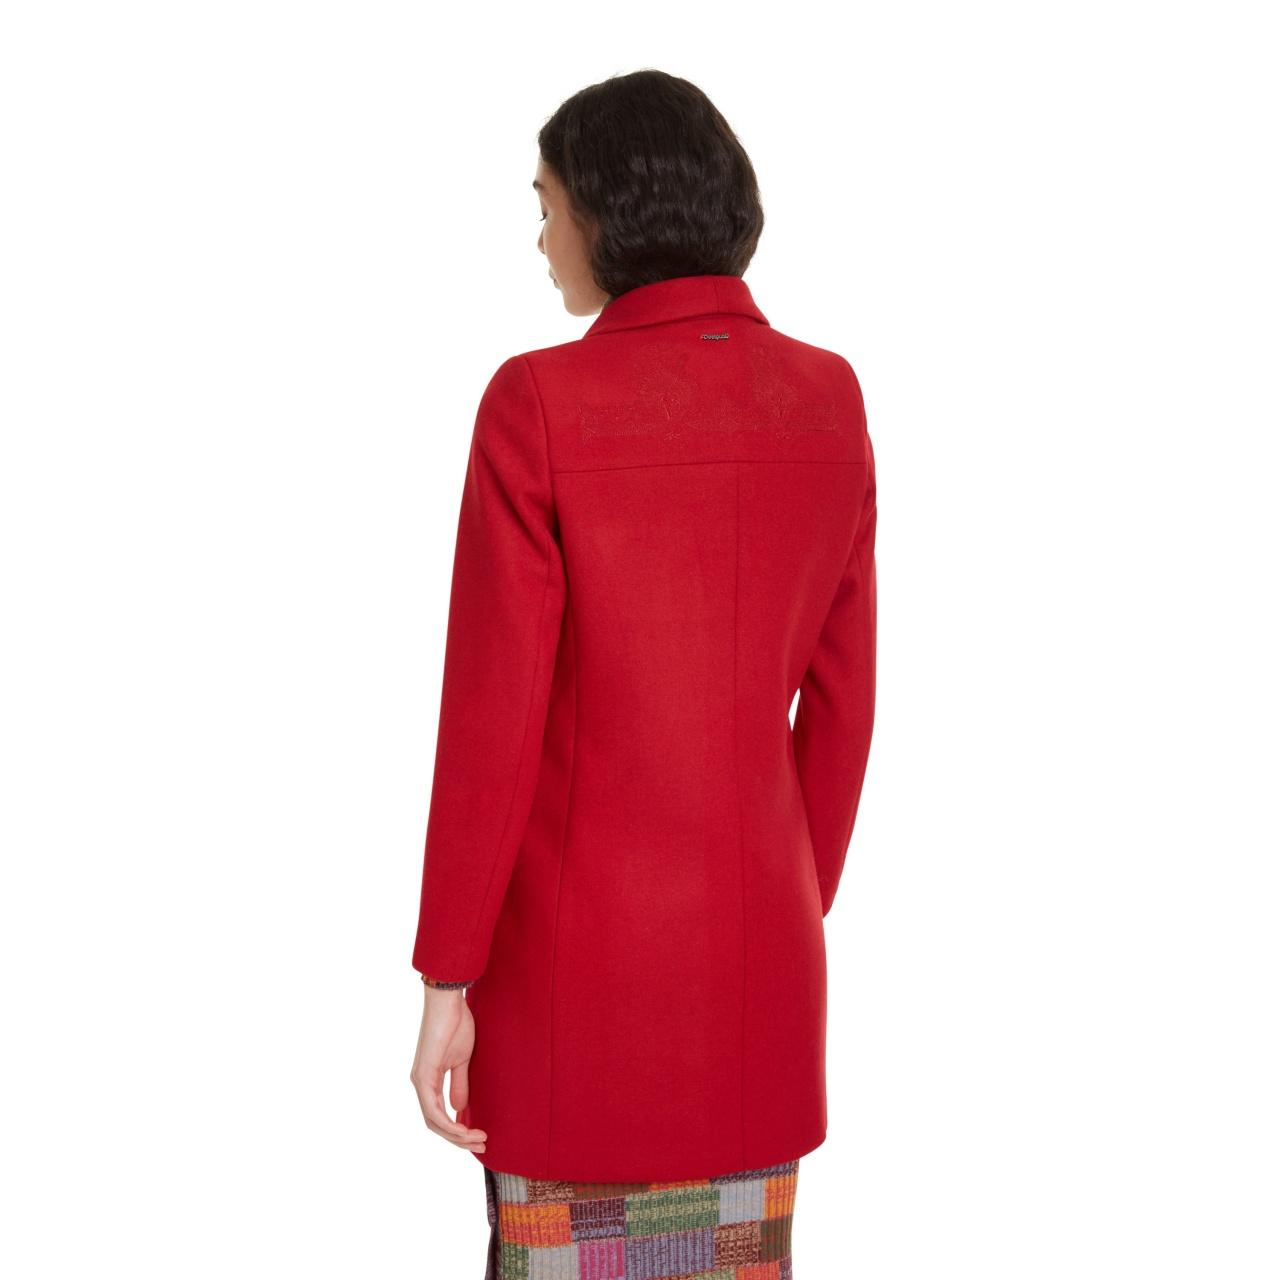 Palton pentru femei Desigual Abrig Ramal roșu :: 46